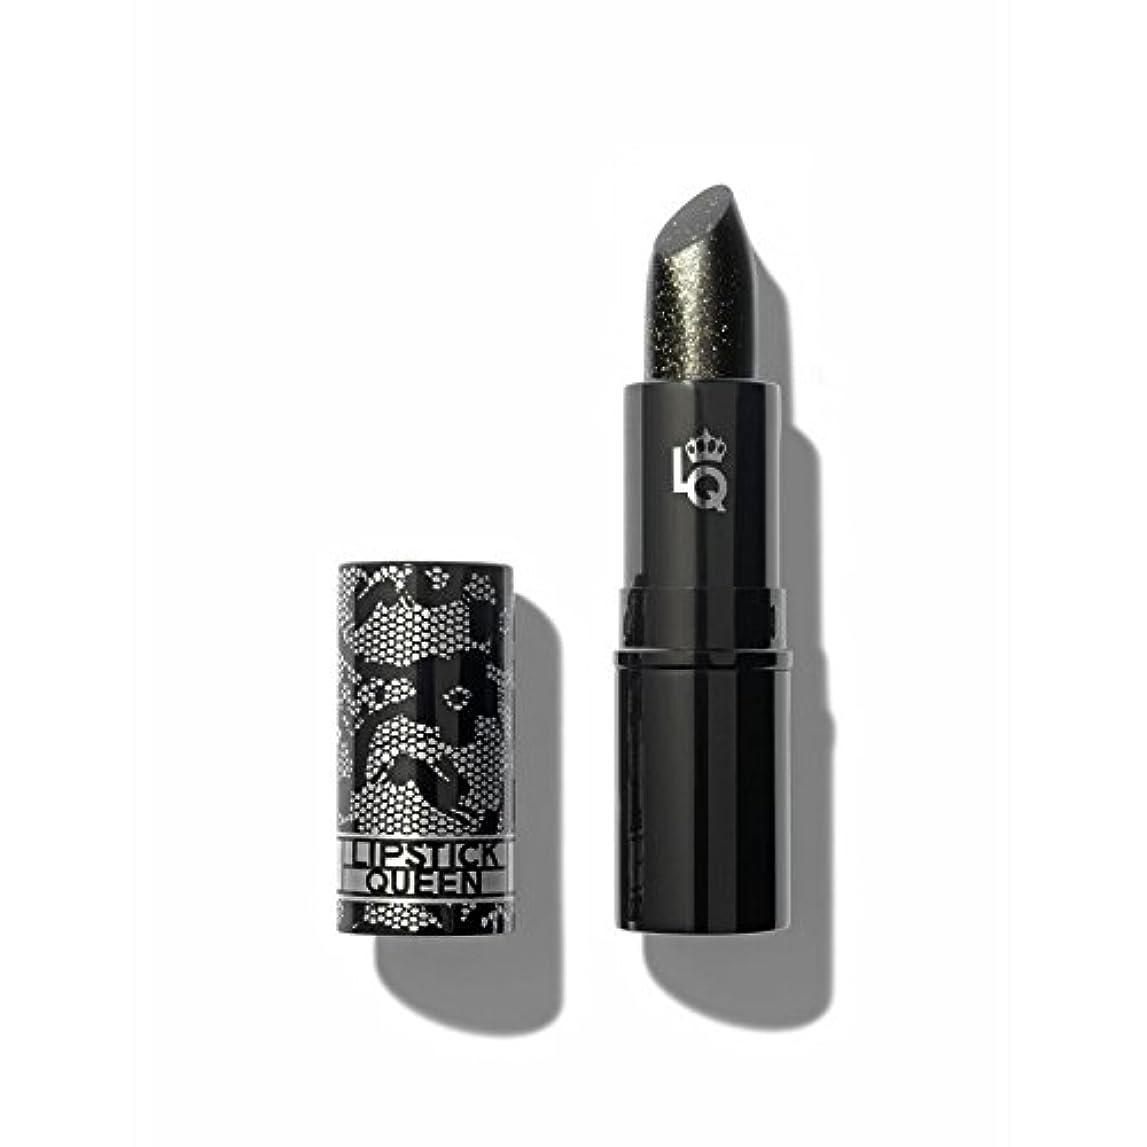 ようこそペイント旅客Lipstick Queen Black Lace Rabbit 28g - 口紅の女王黒のレースのウサギ28グラム [並行輸入品]